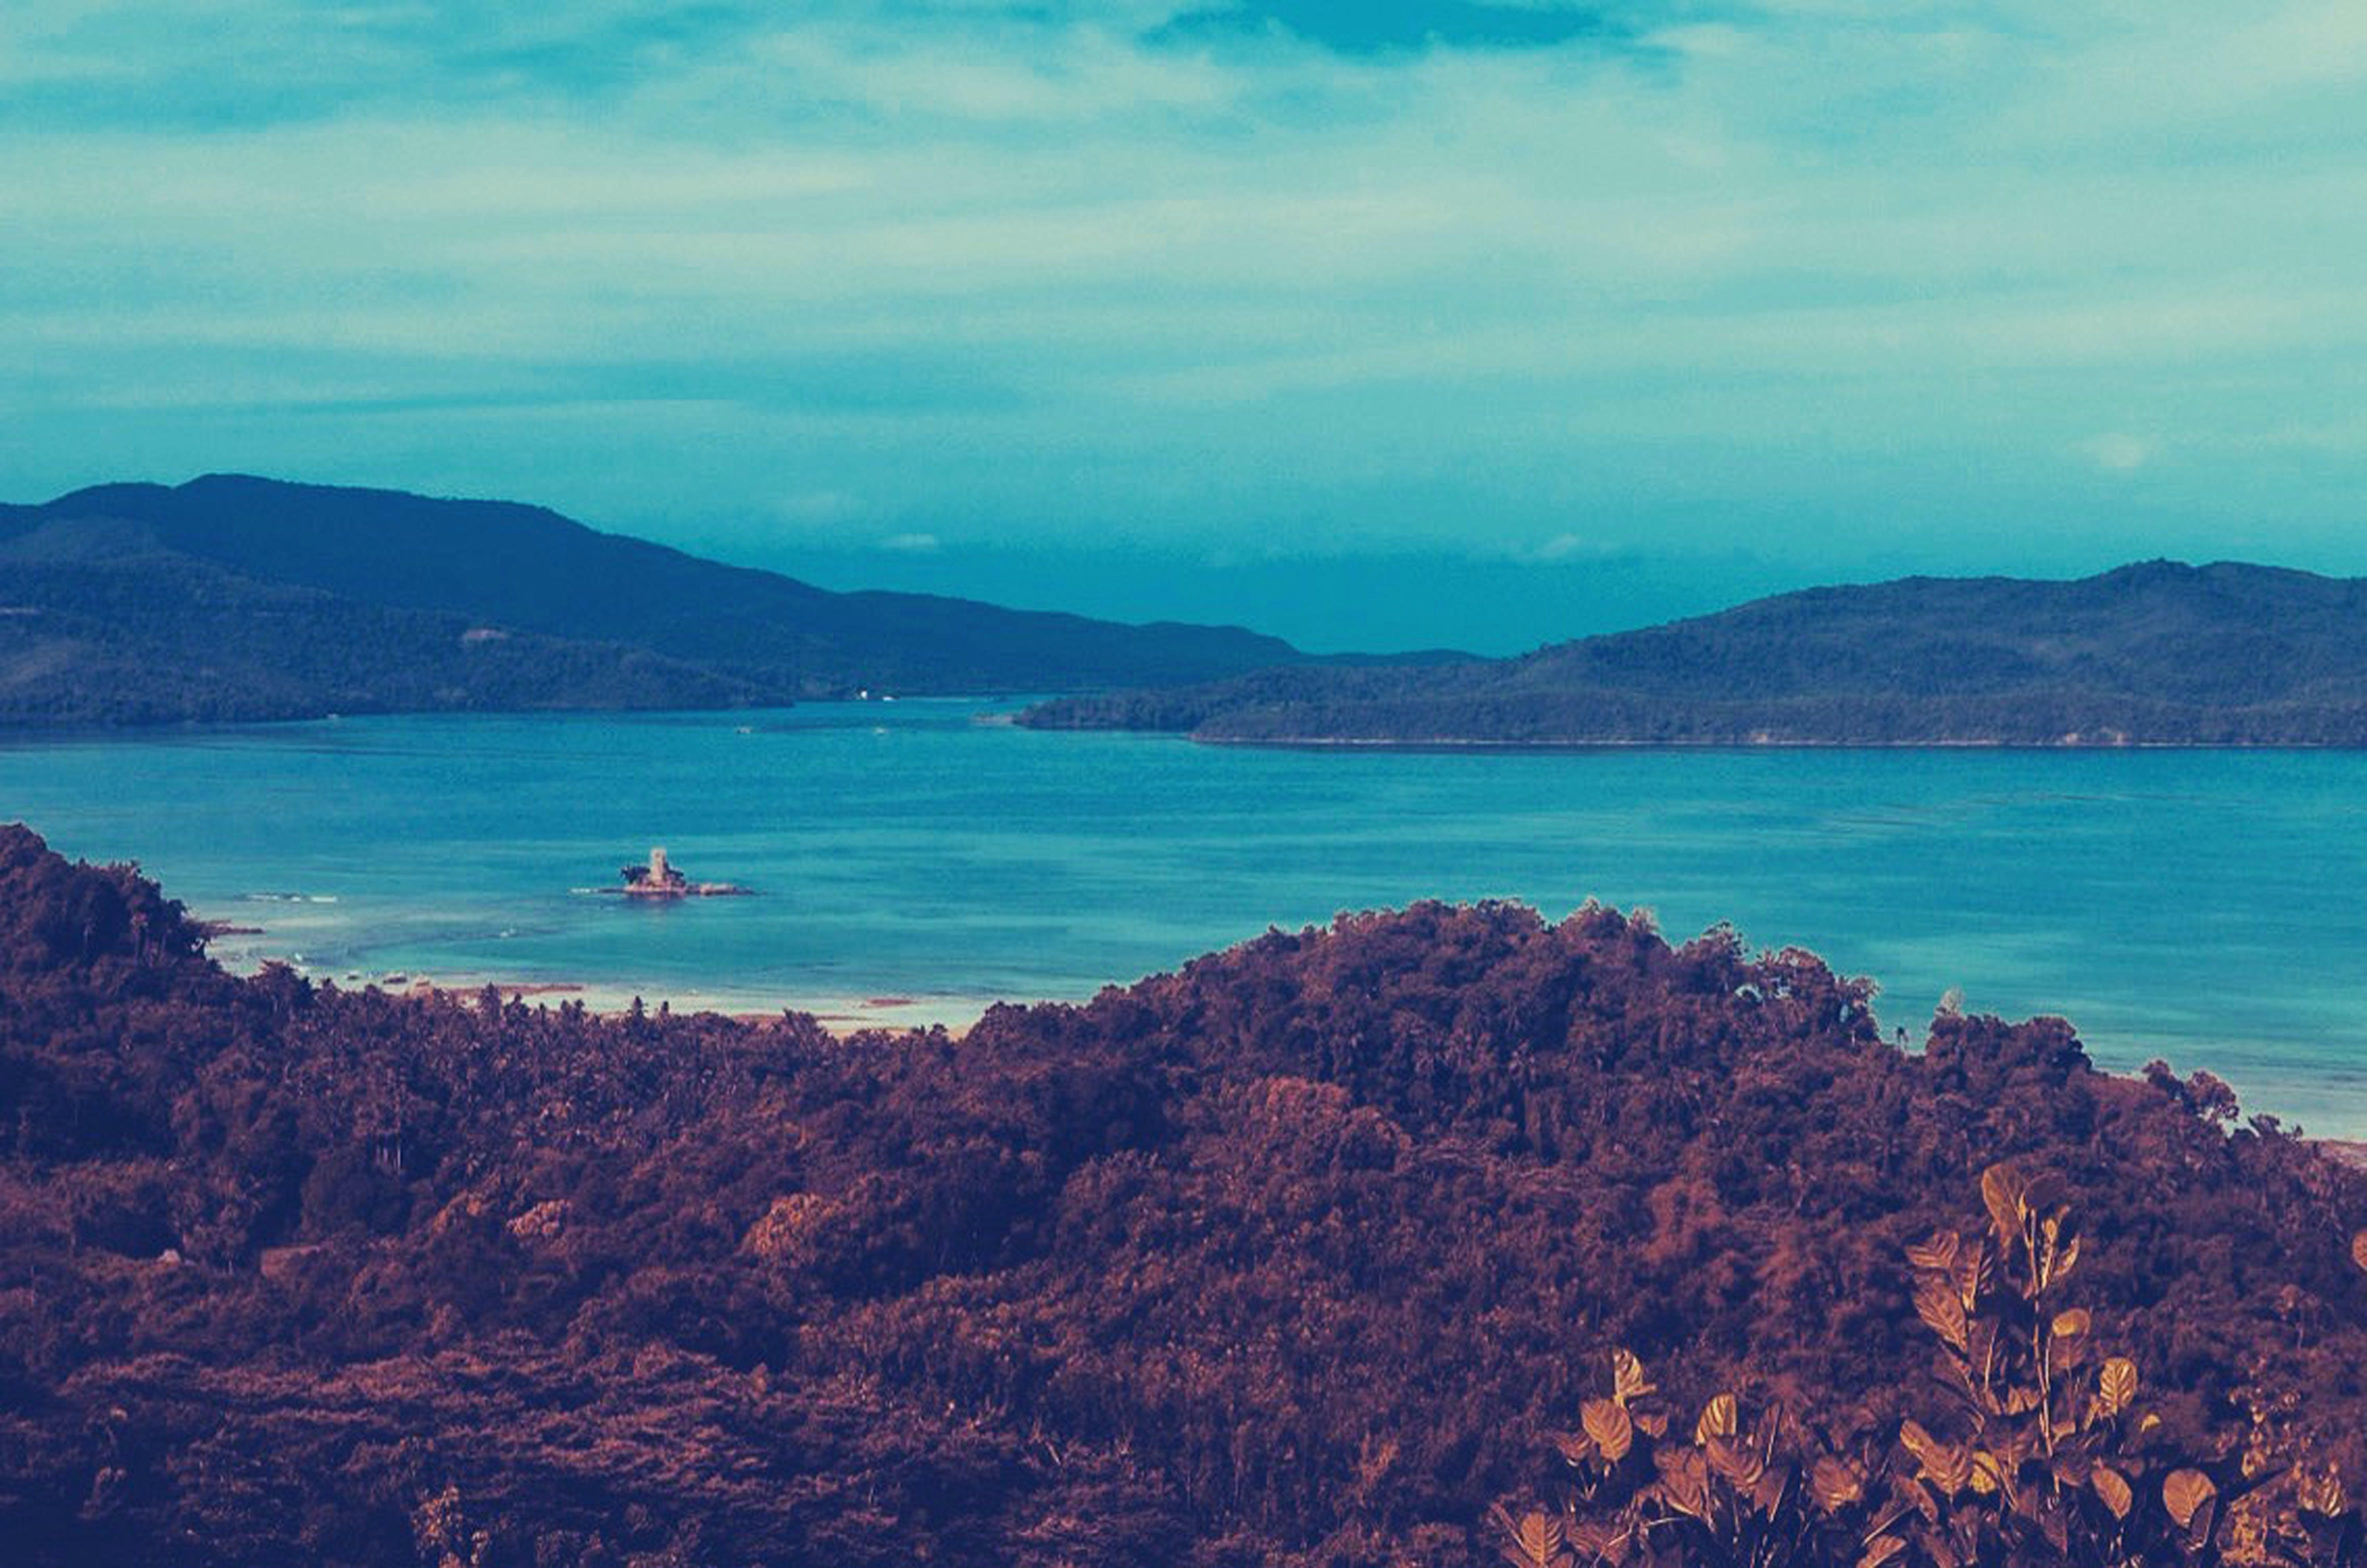 Kostnadsfri bild av bergen, dagsljus, hav, havsområde